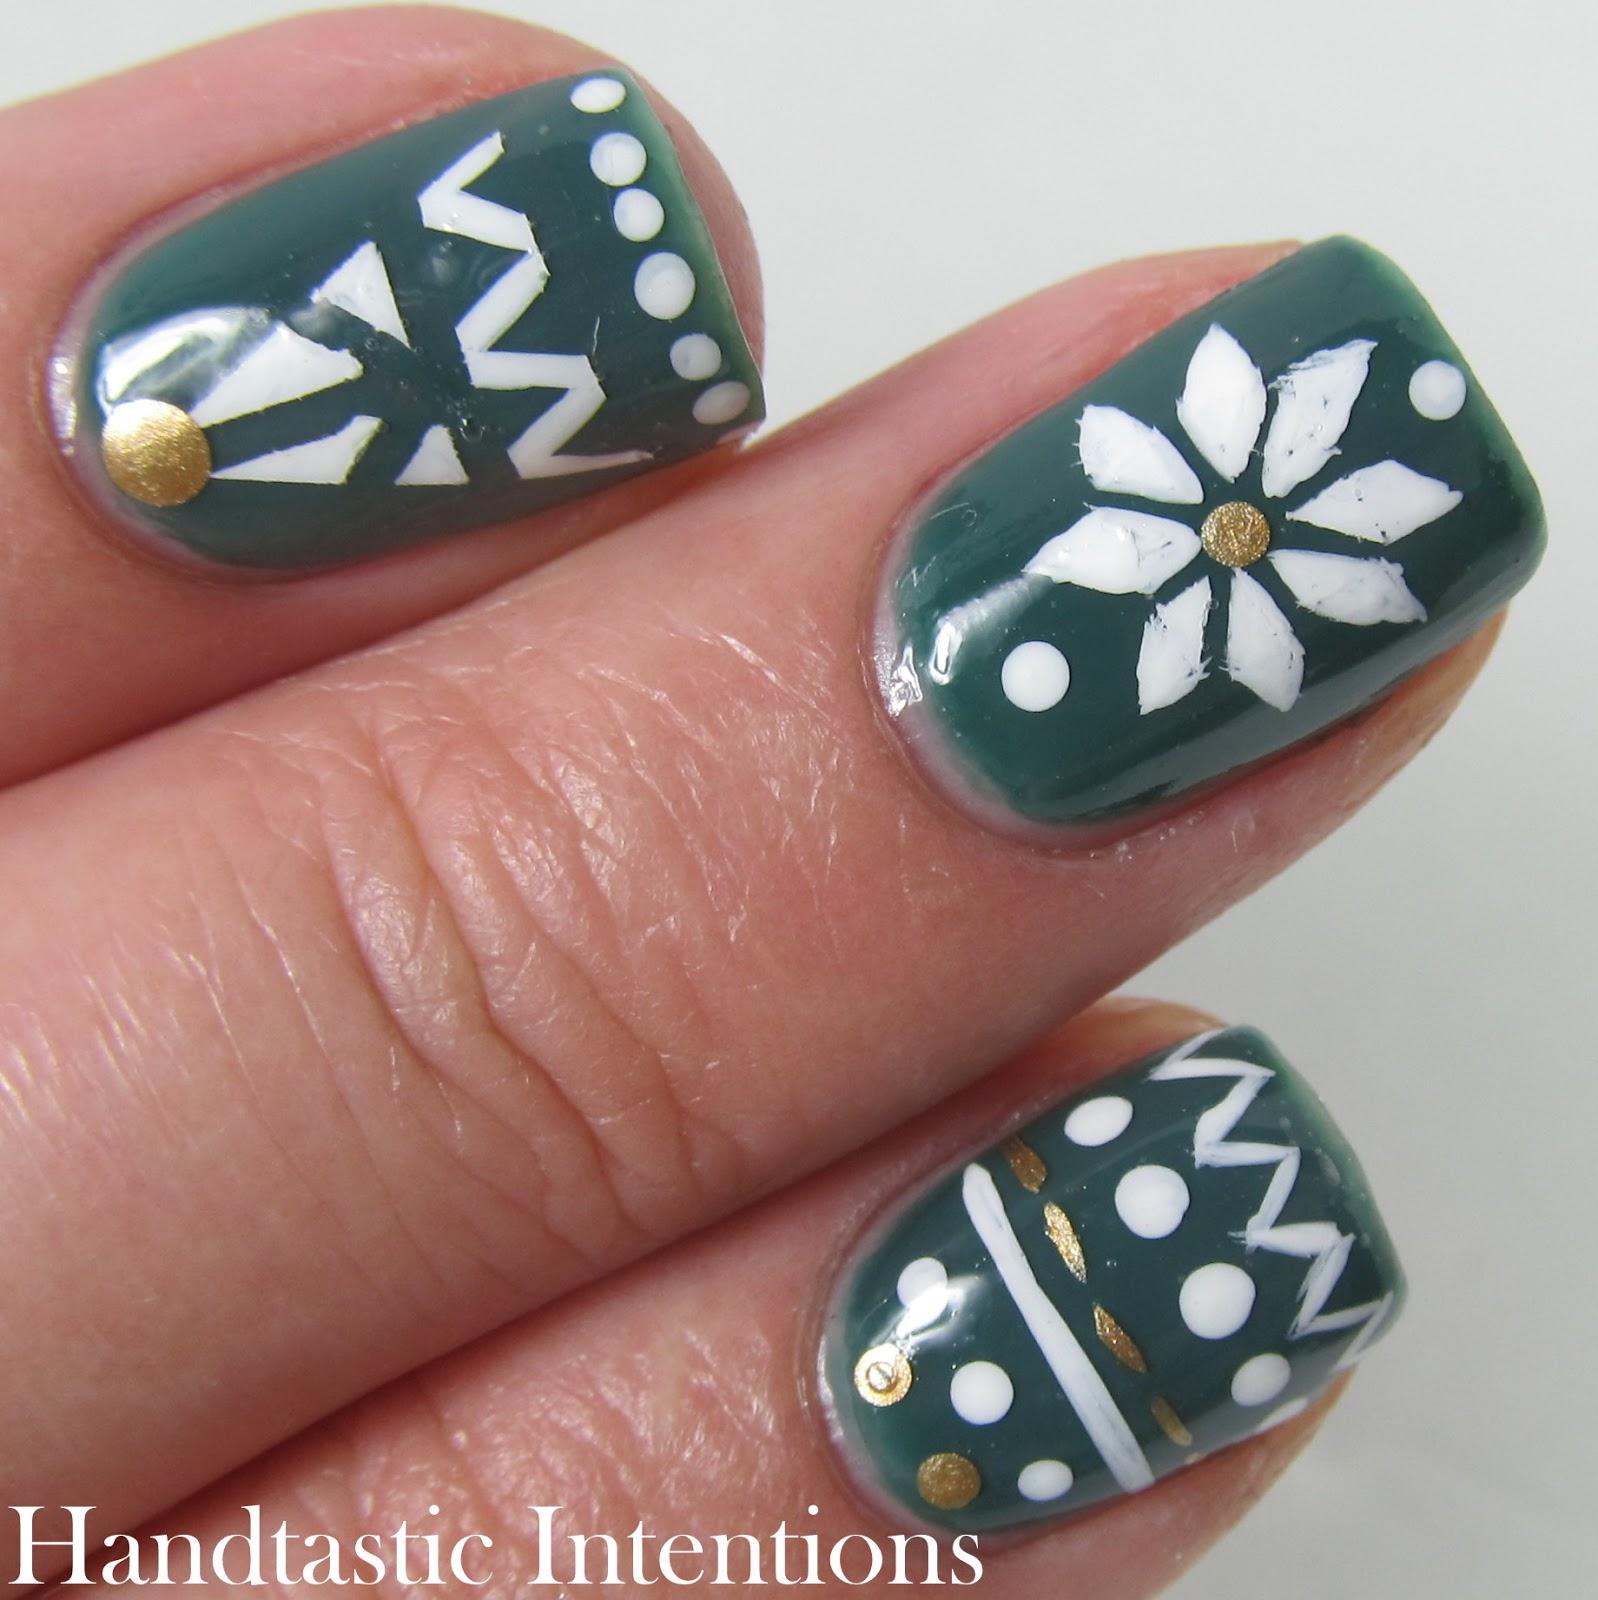 Hand Painted Christmas Nail Art: Handtastic Intentions: Christmas Nail Art: Christmas Tree